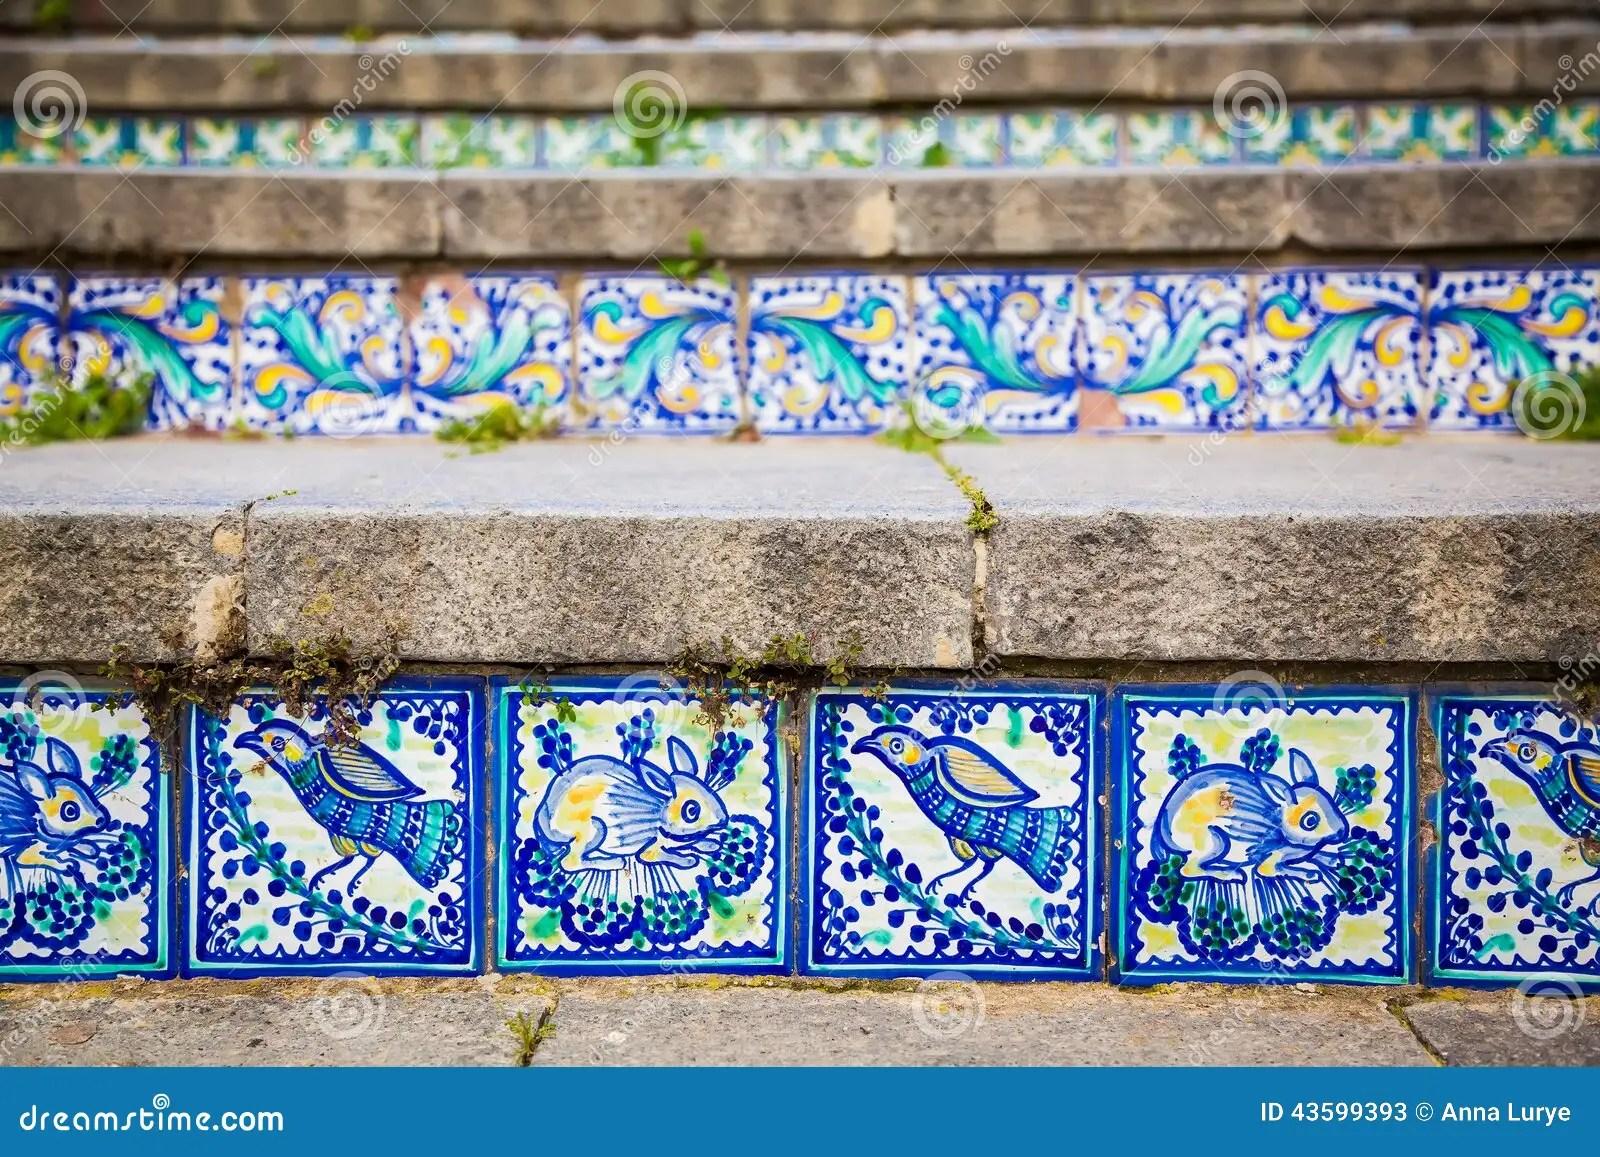 Piastrelle Di Ceramica Del Primo Piano Sui Punti Fotografia Stock  Immagine 43599393